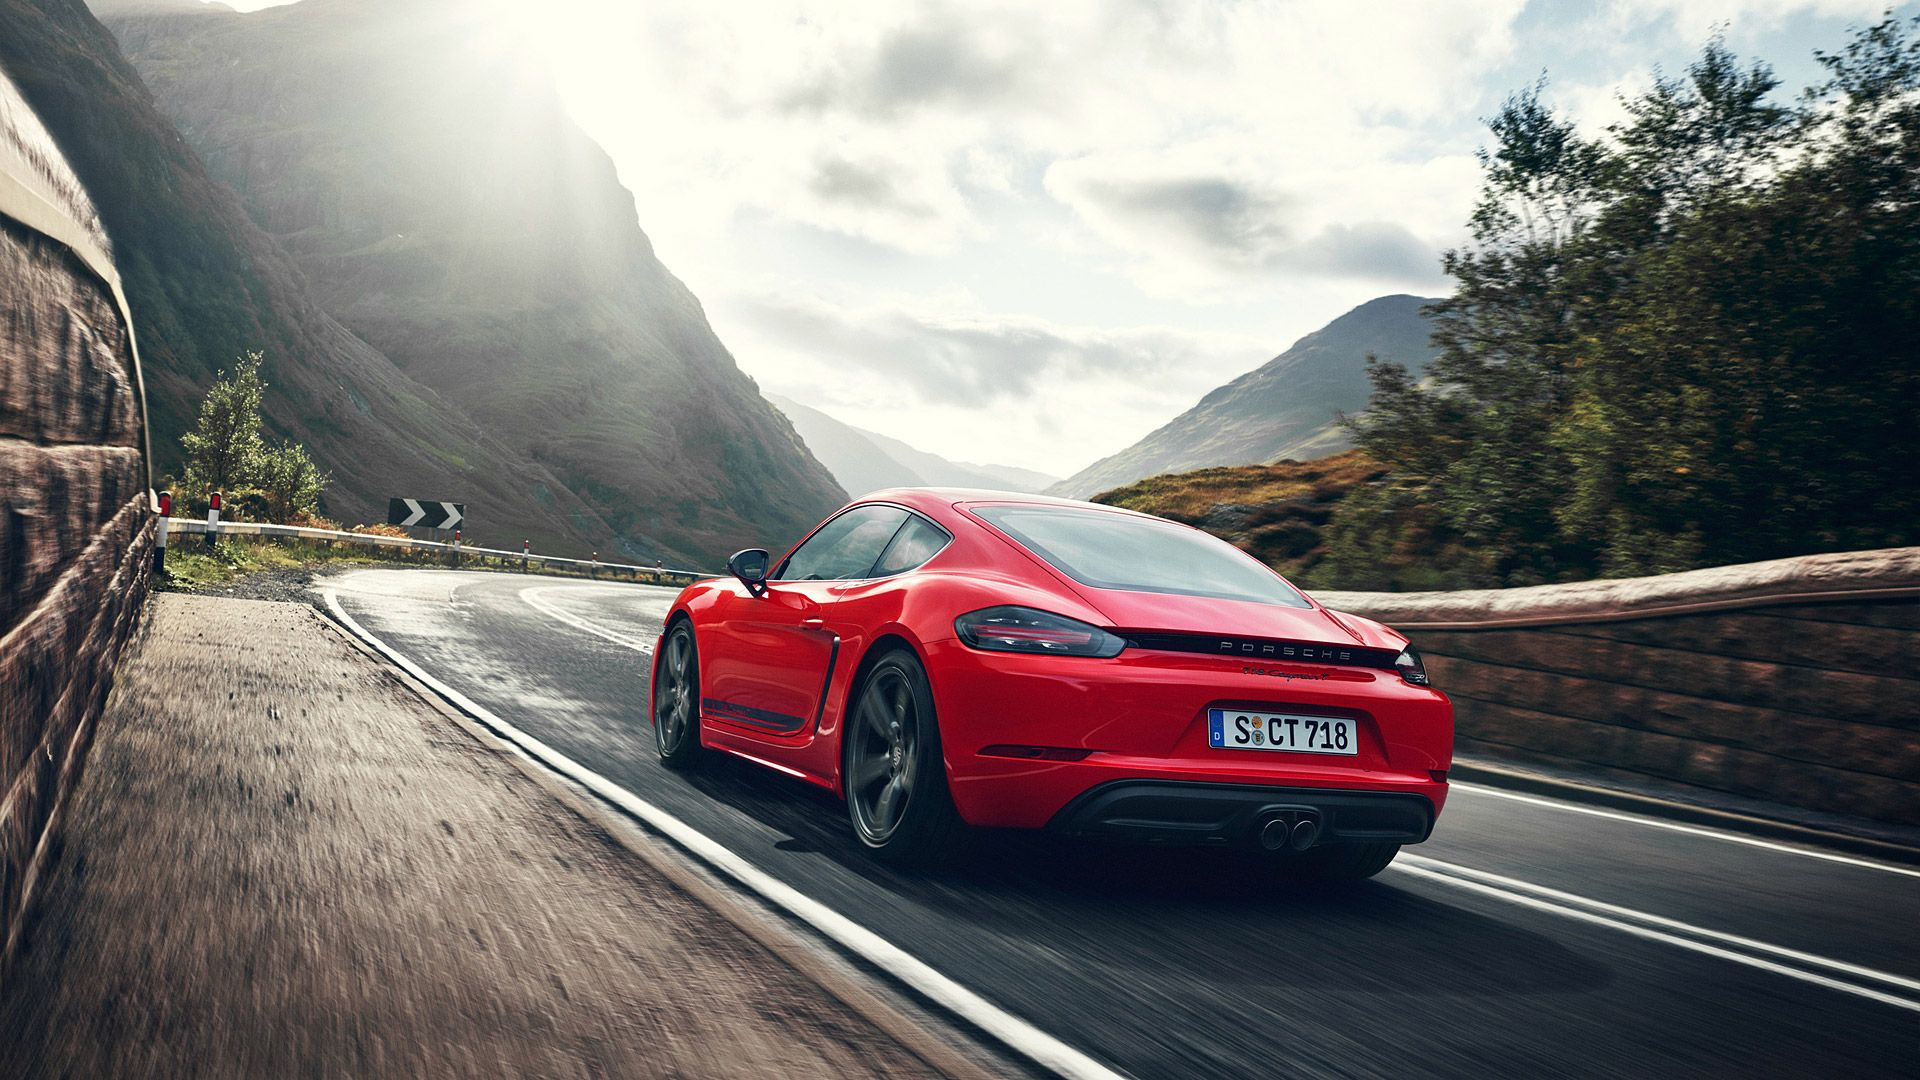 Porsche Cayman Wallpapers Top Free Porsche Cayman Backgrounds Wallpaperaccess